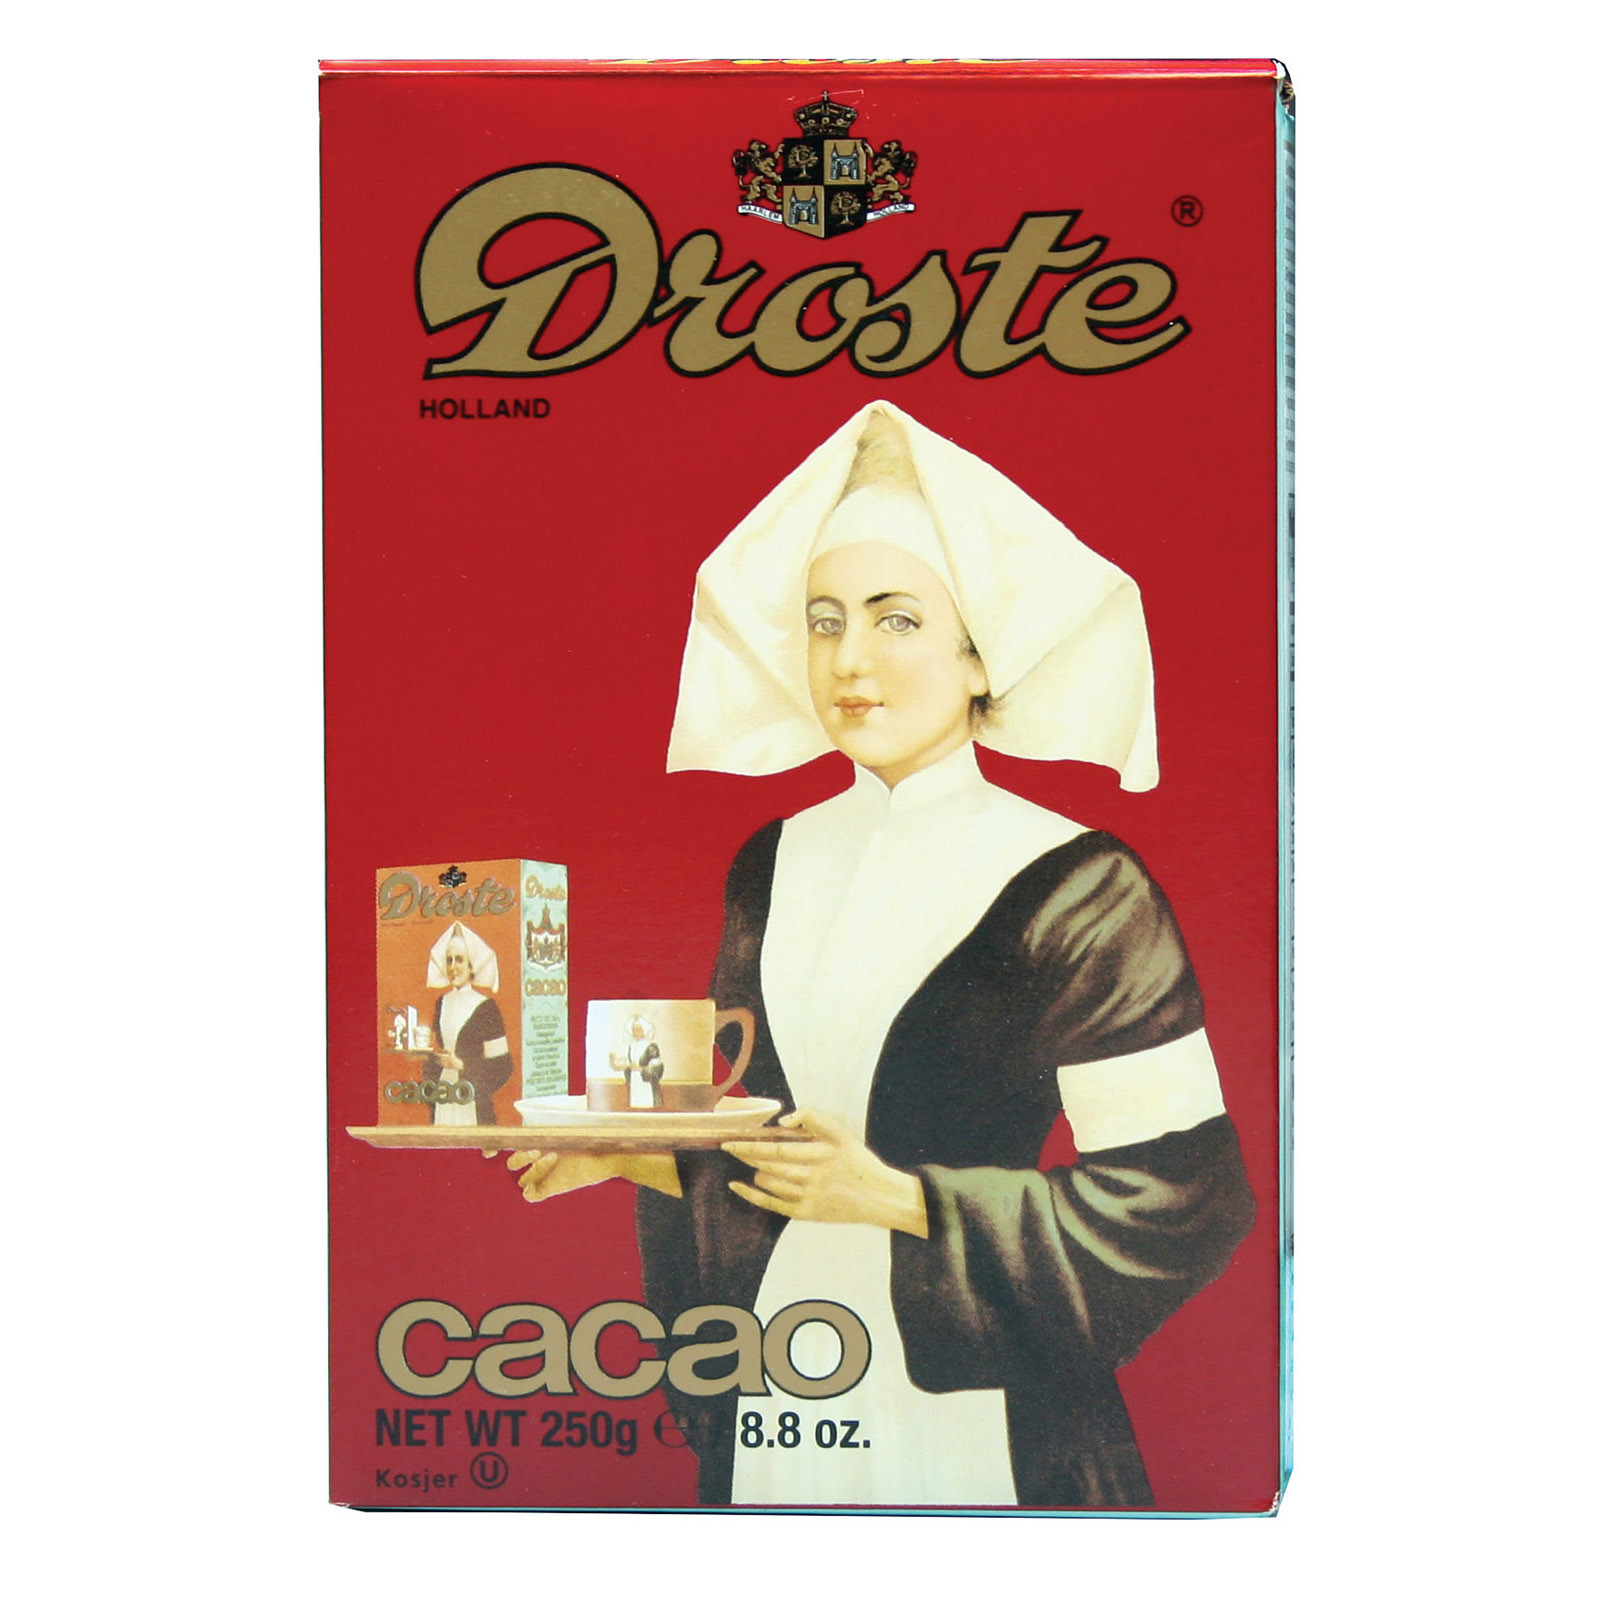 Droste Cocoa Powder - Import - Case of 12 - 8.8 oz